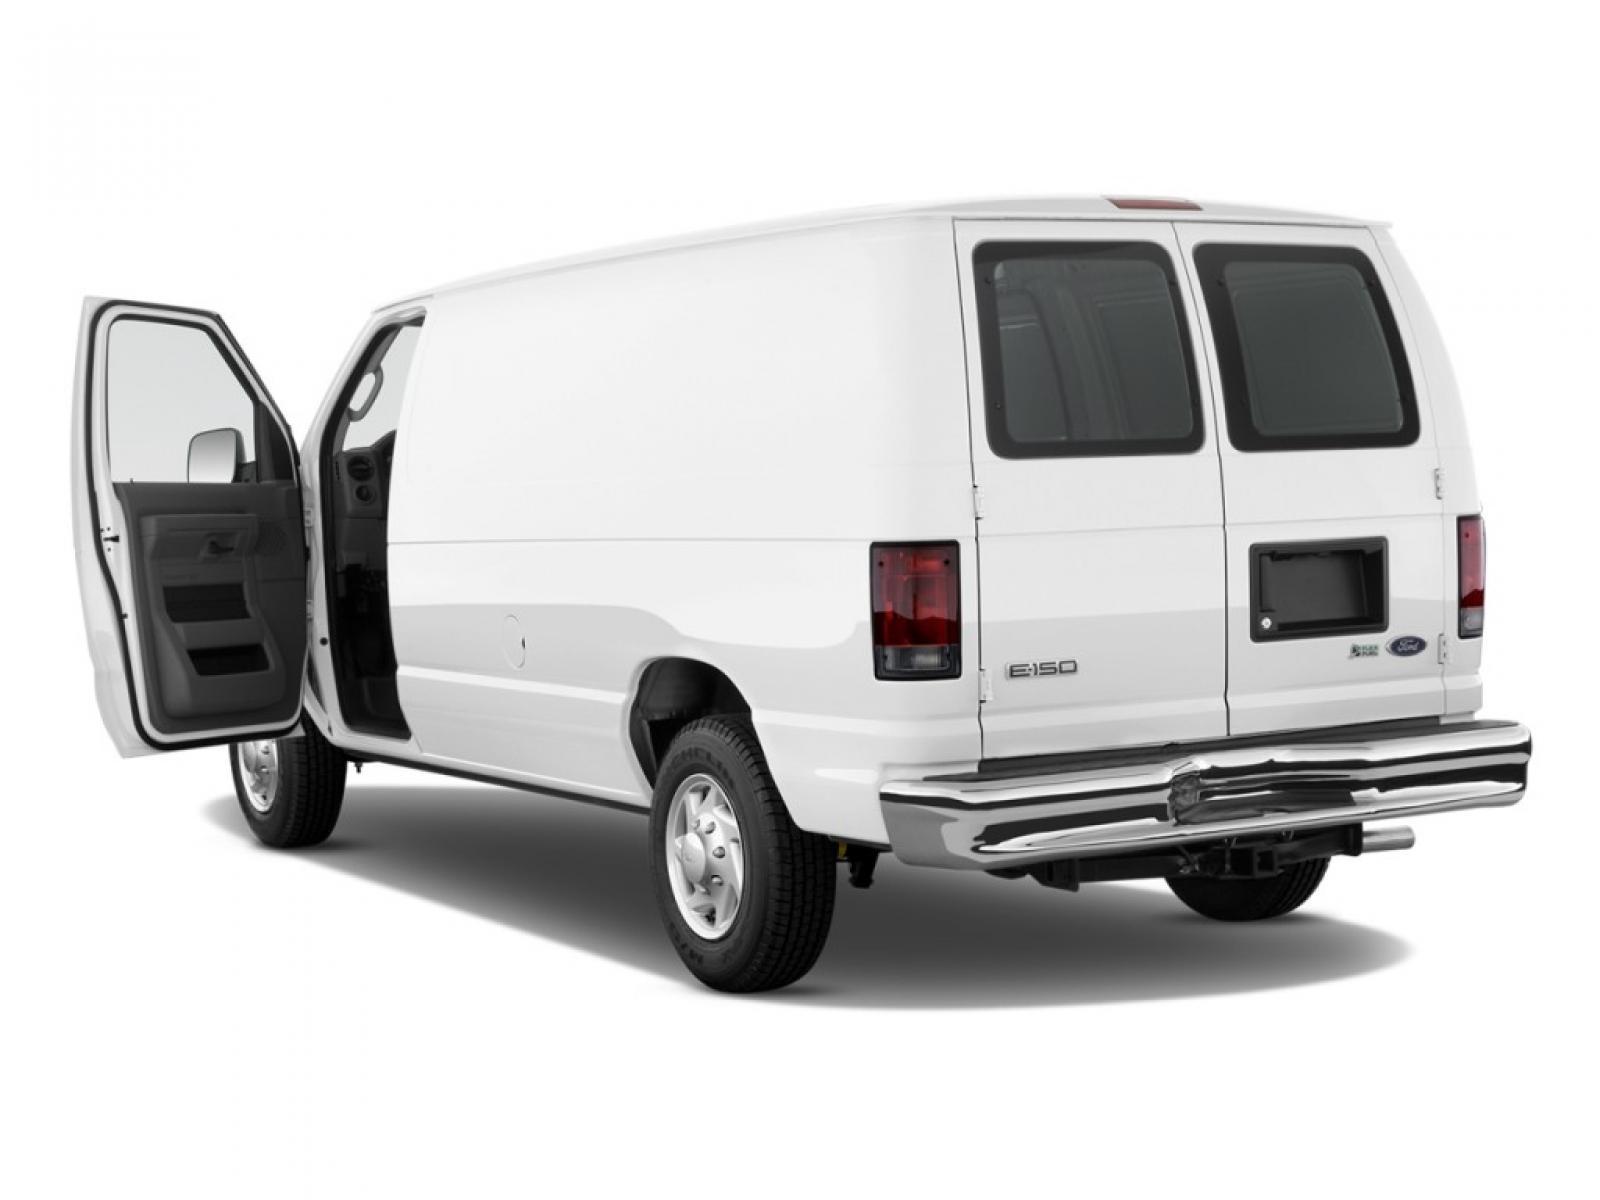 800 1024 1280 1600 Origin 2009 Ford Econoline